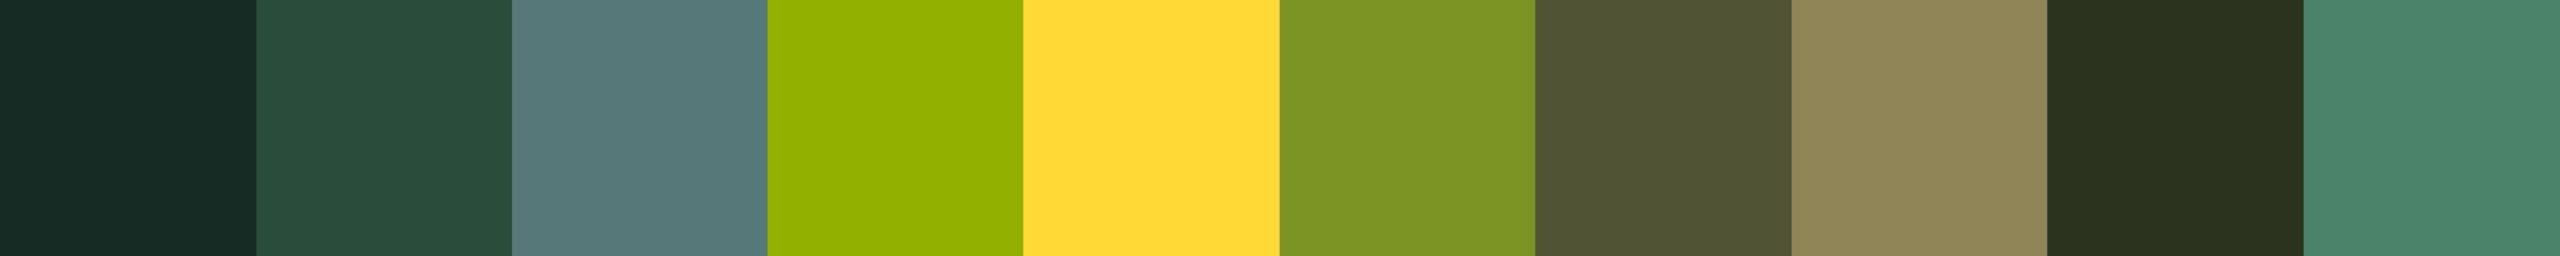 605 Gronoua Color Palette